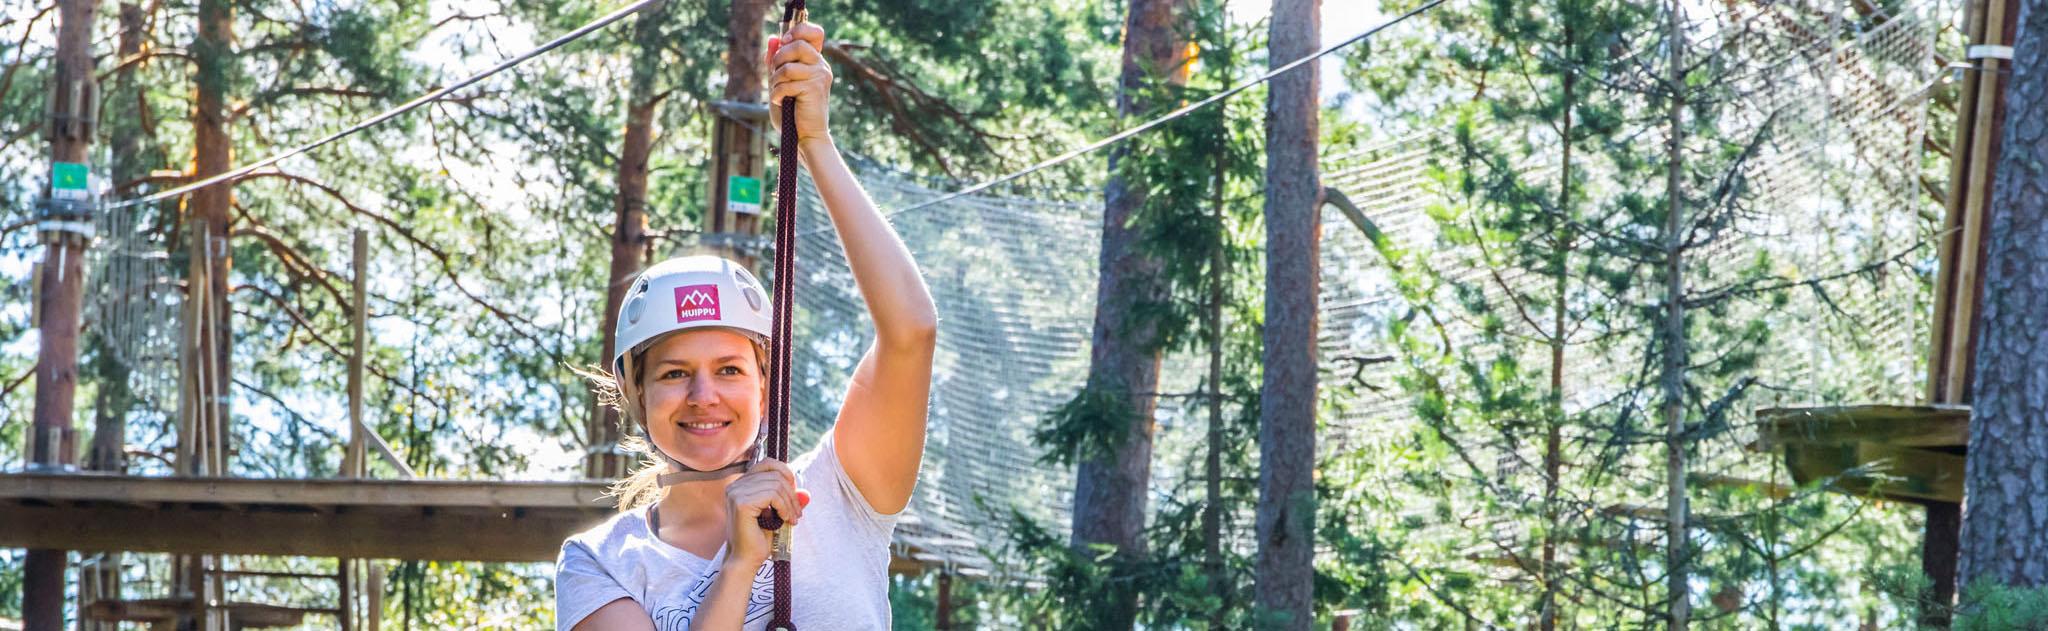 Nainen liukuu ilmassa kiipeilypuiston valjaissa.